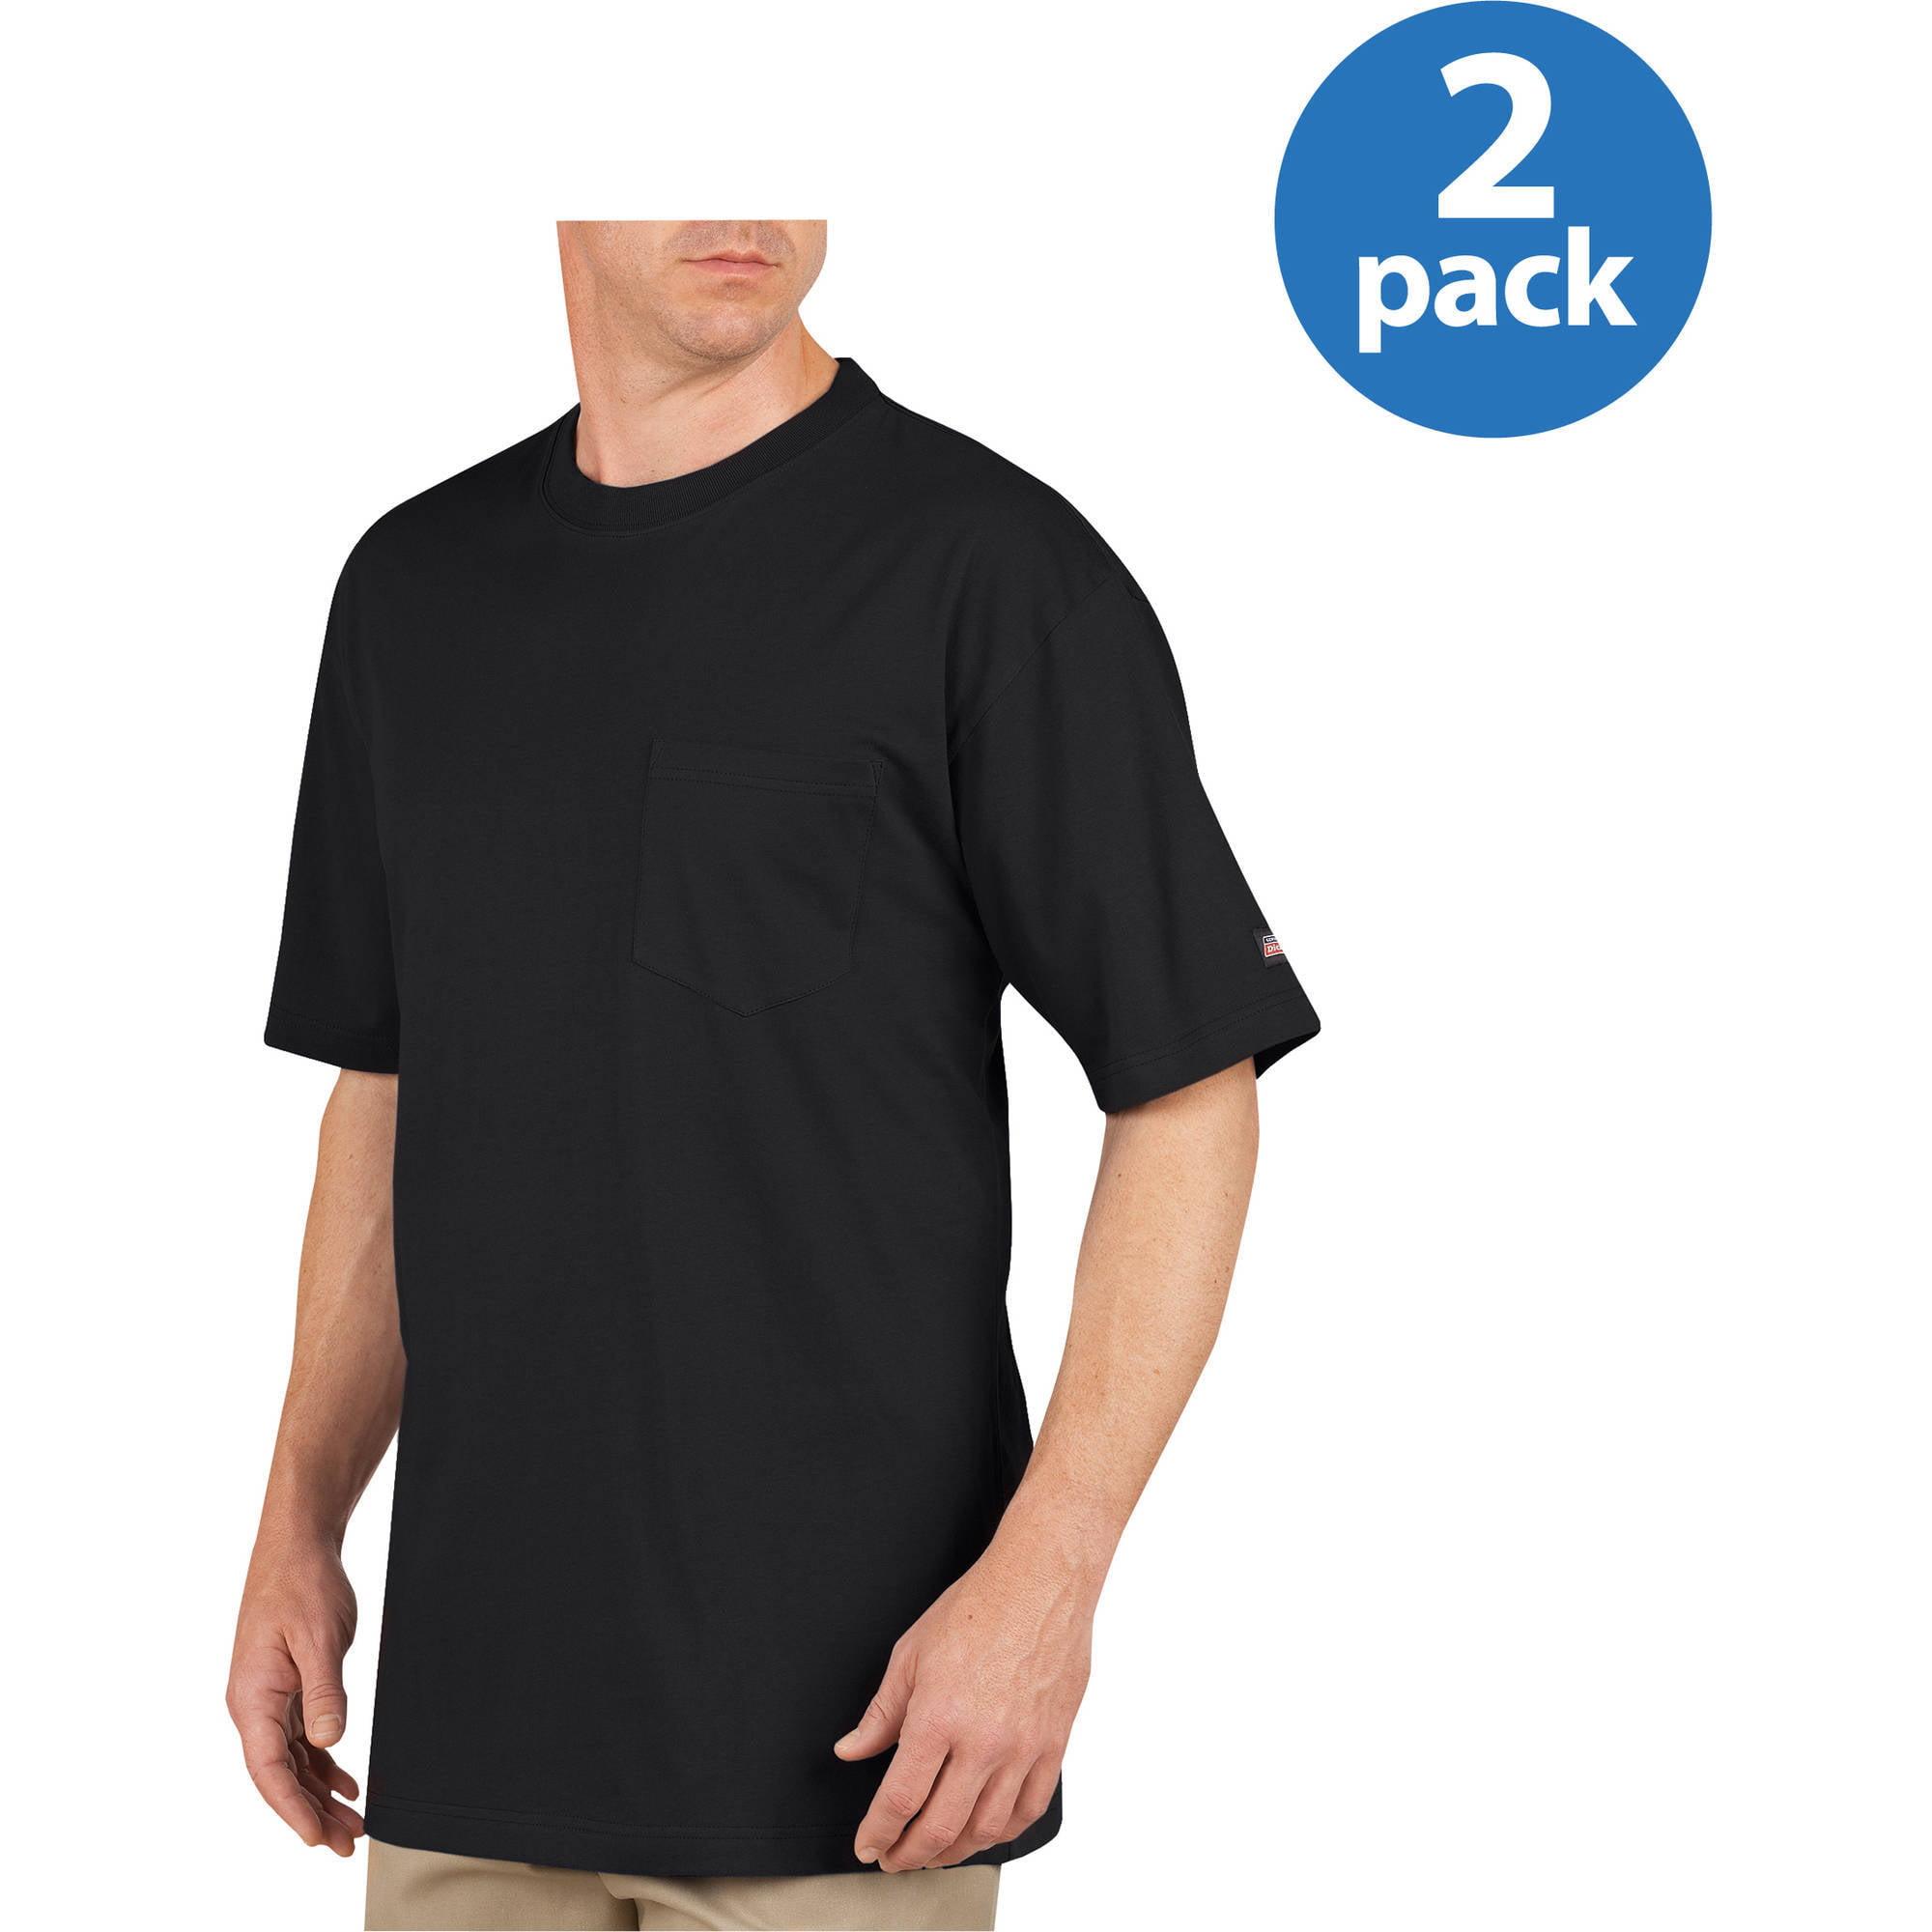 Black t shirt pack - Genuine Dickies 407 Heavy Weight Short Sleeve Pocket Tees 2 Pack Walmart Com